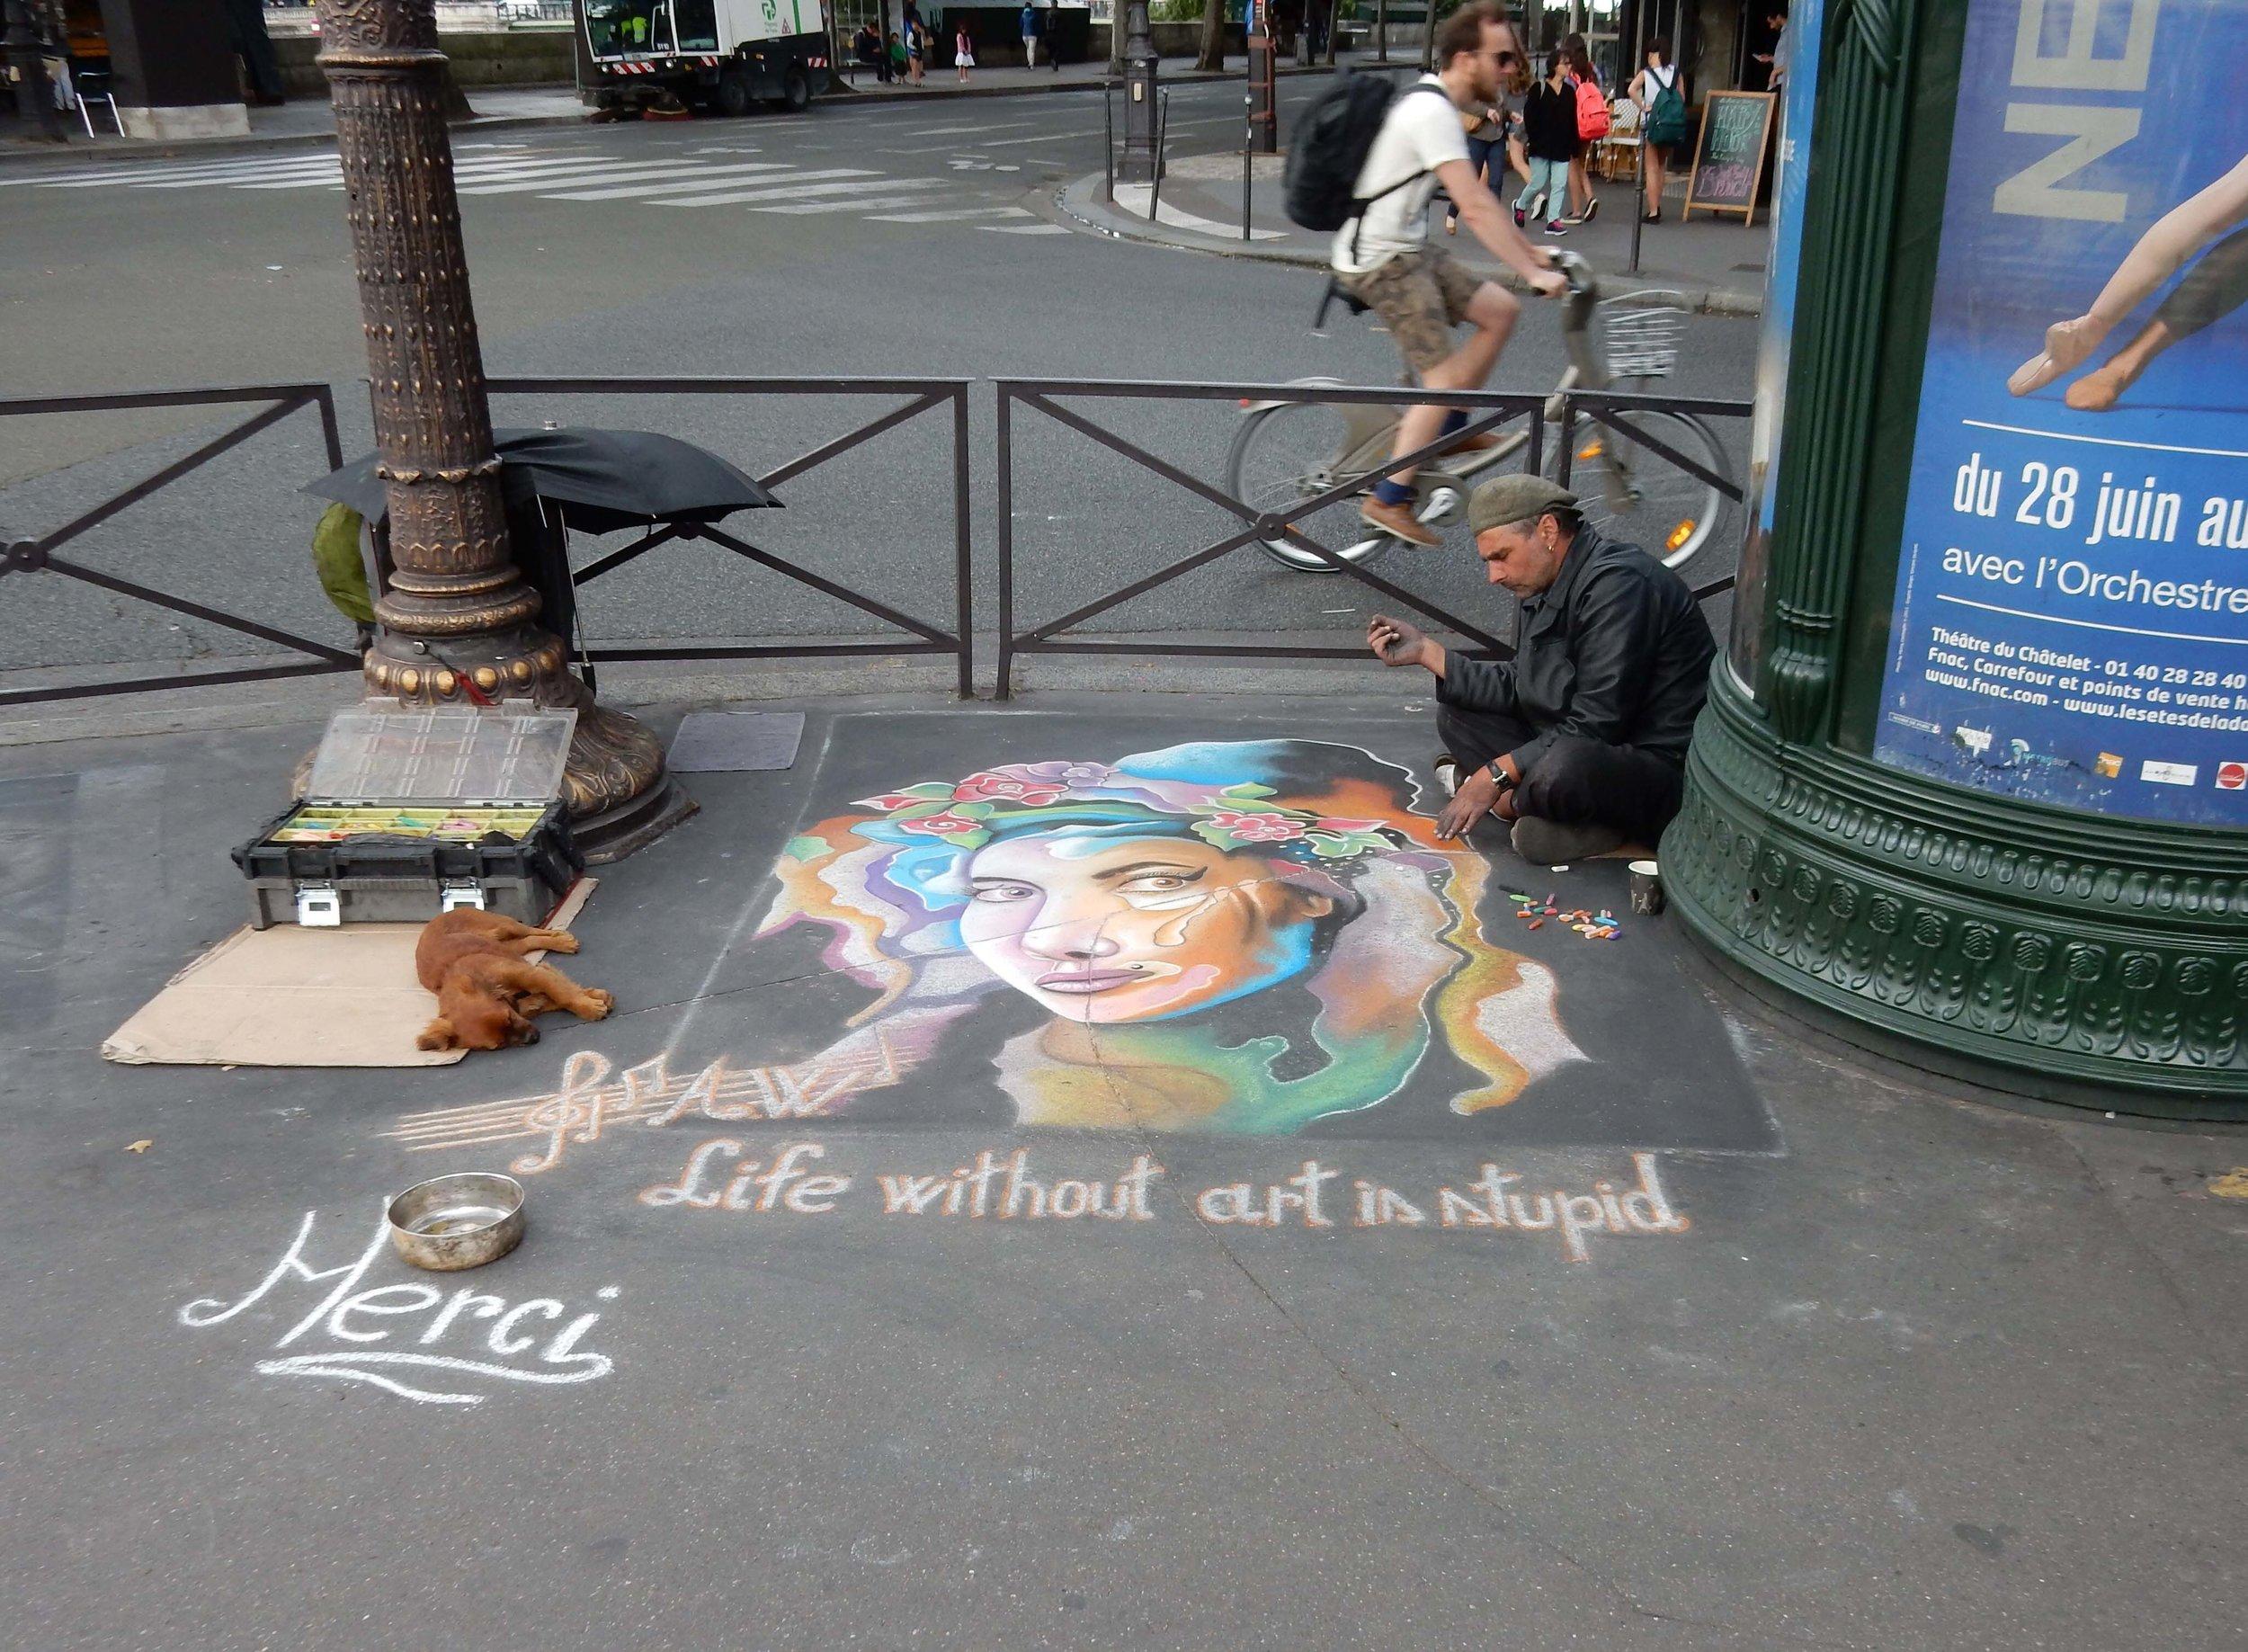 Life Without Art photograph Paris, France 2016